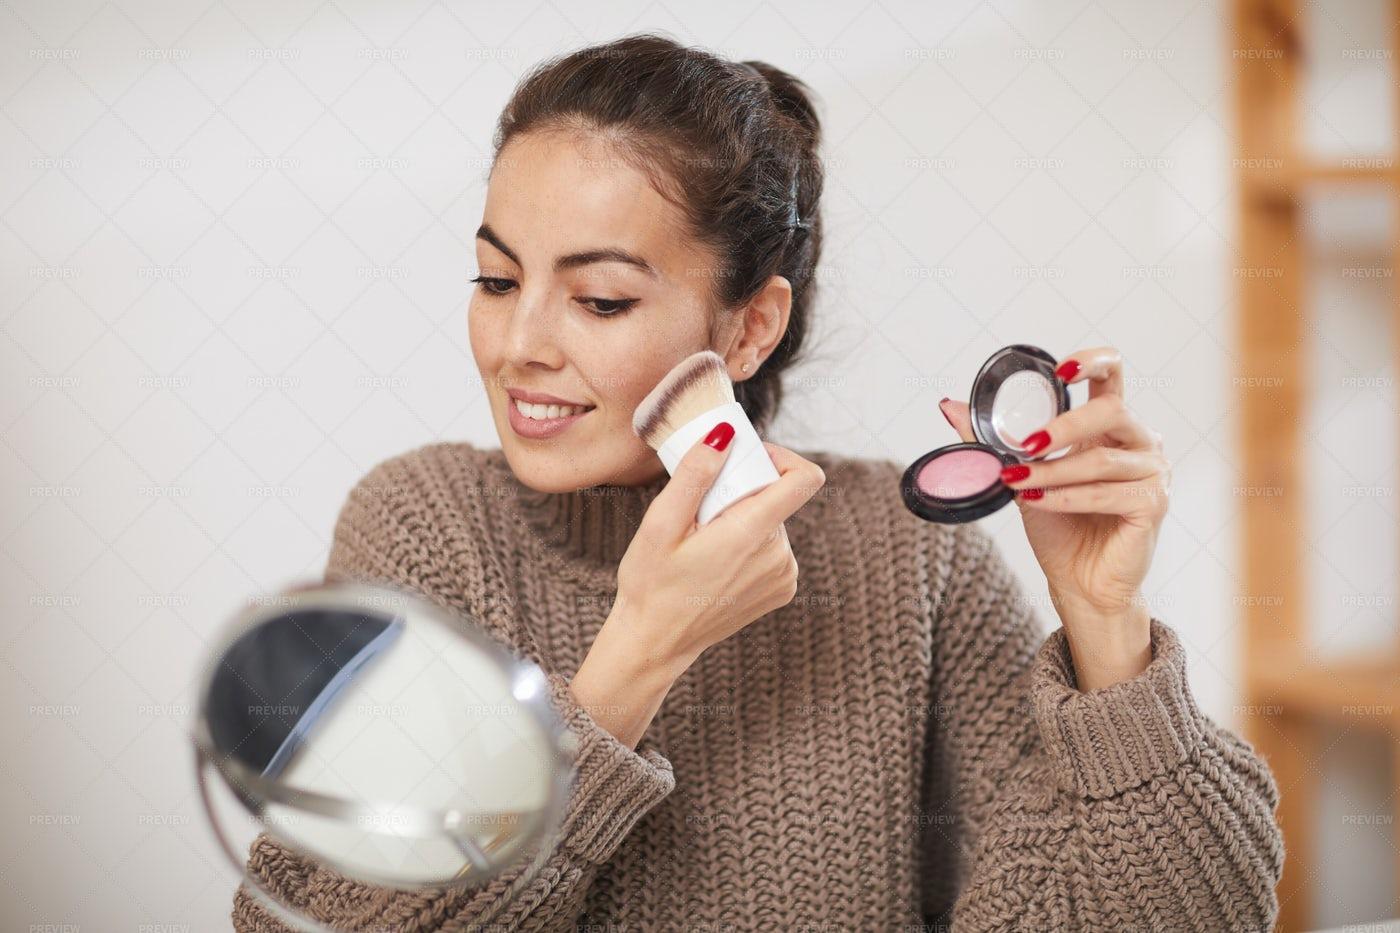 Beautiful Woman Applying Makeup: Stock Photos